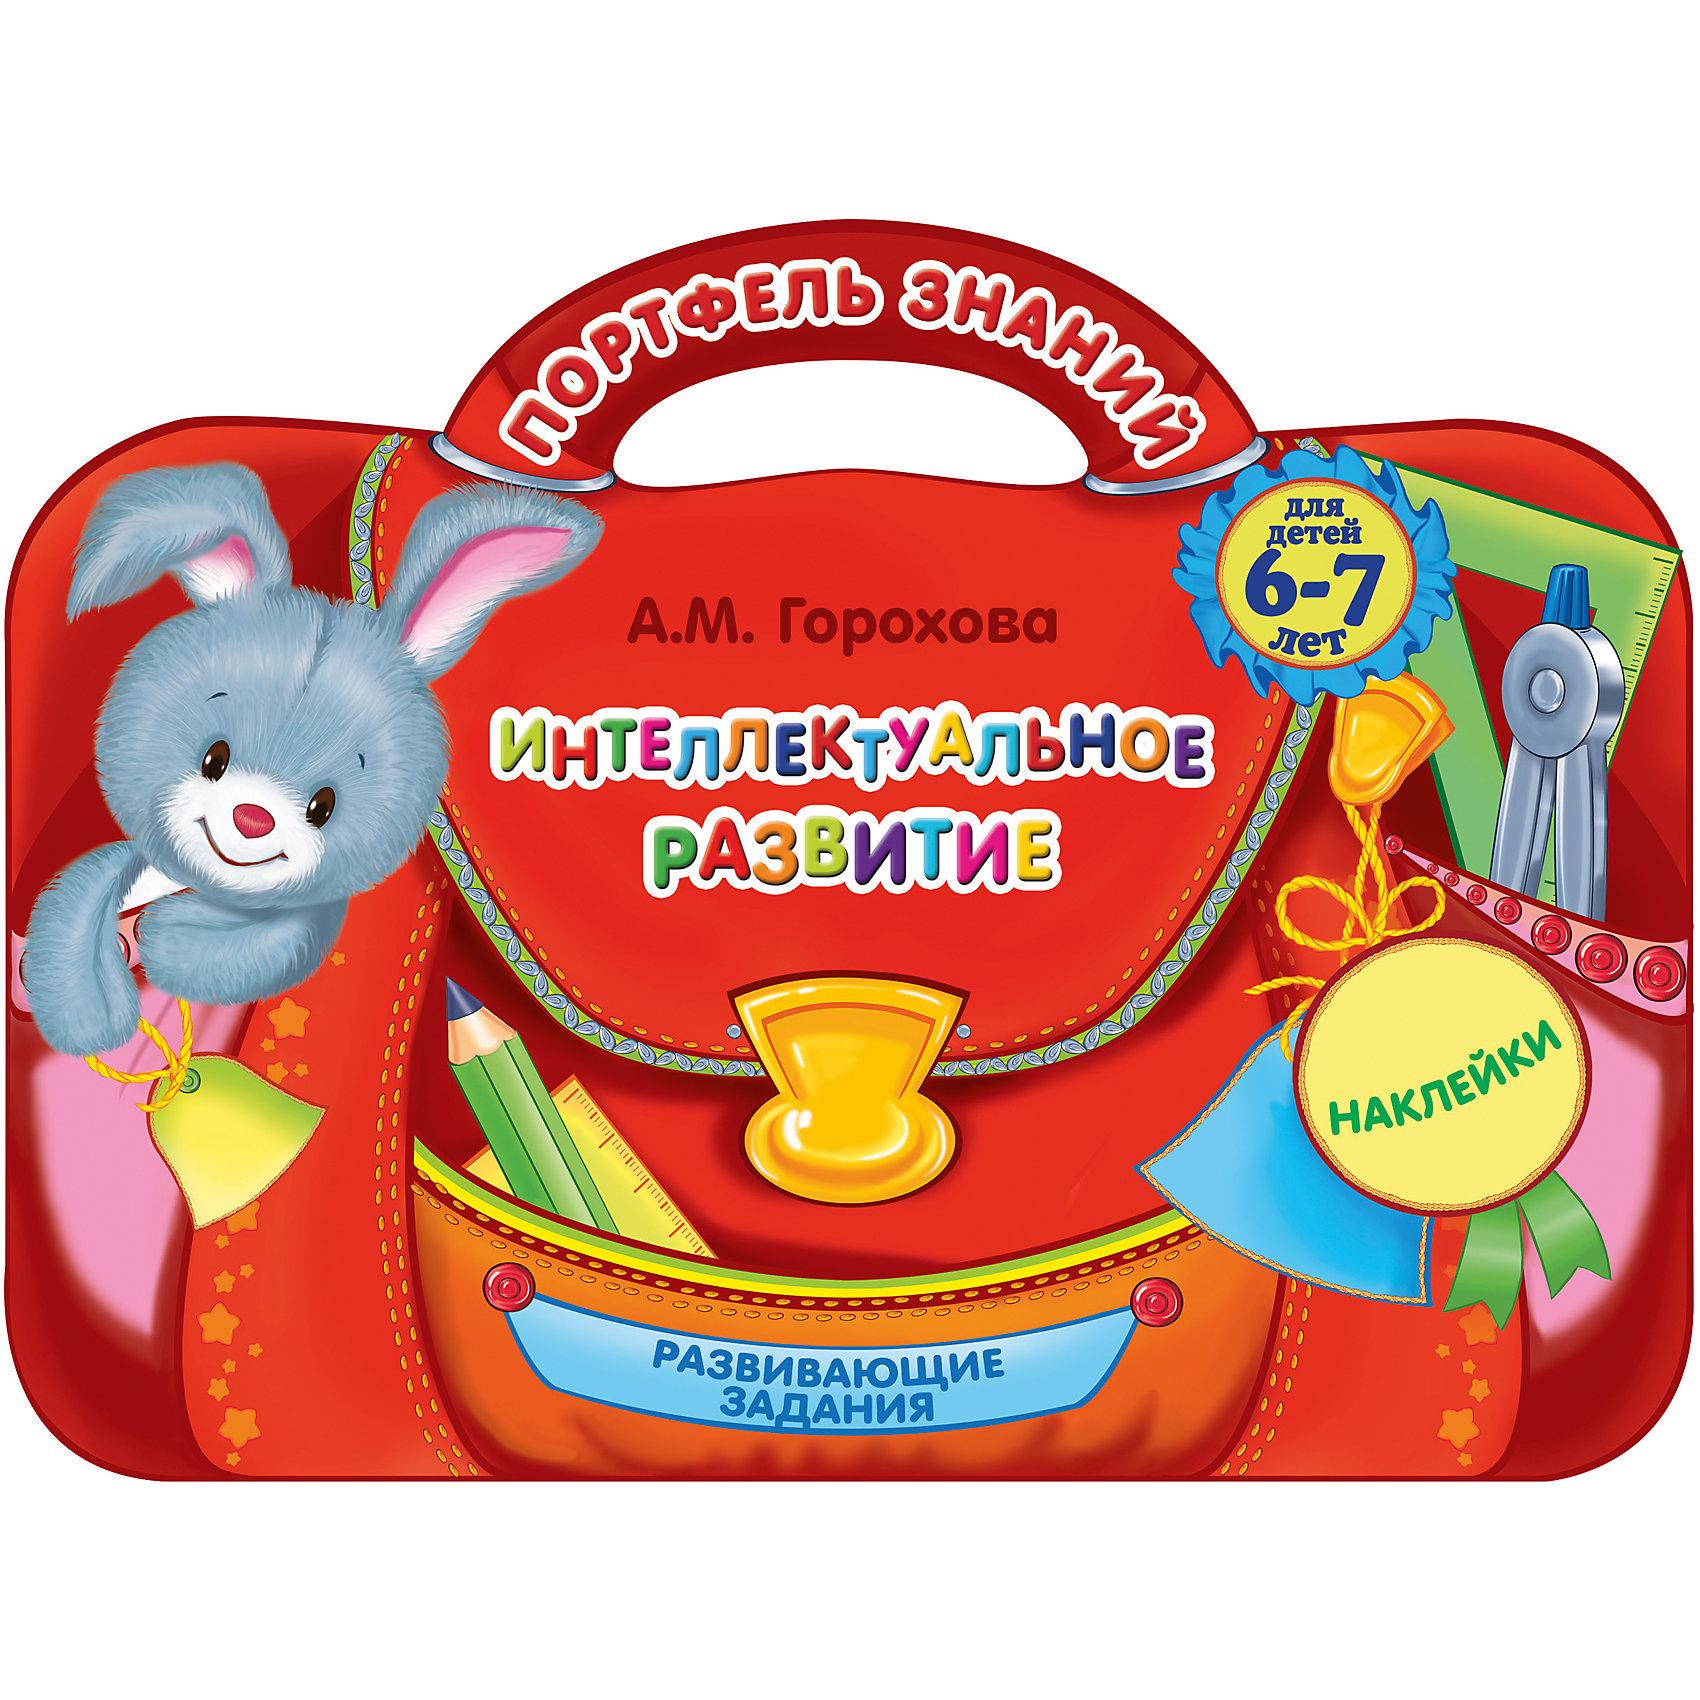 Эксмо Интеллектуальное развитие: для детей 6-7 лет книги эксмо изучаю мир вокруг для детей 6 7 лет page 6